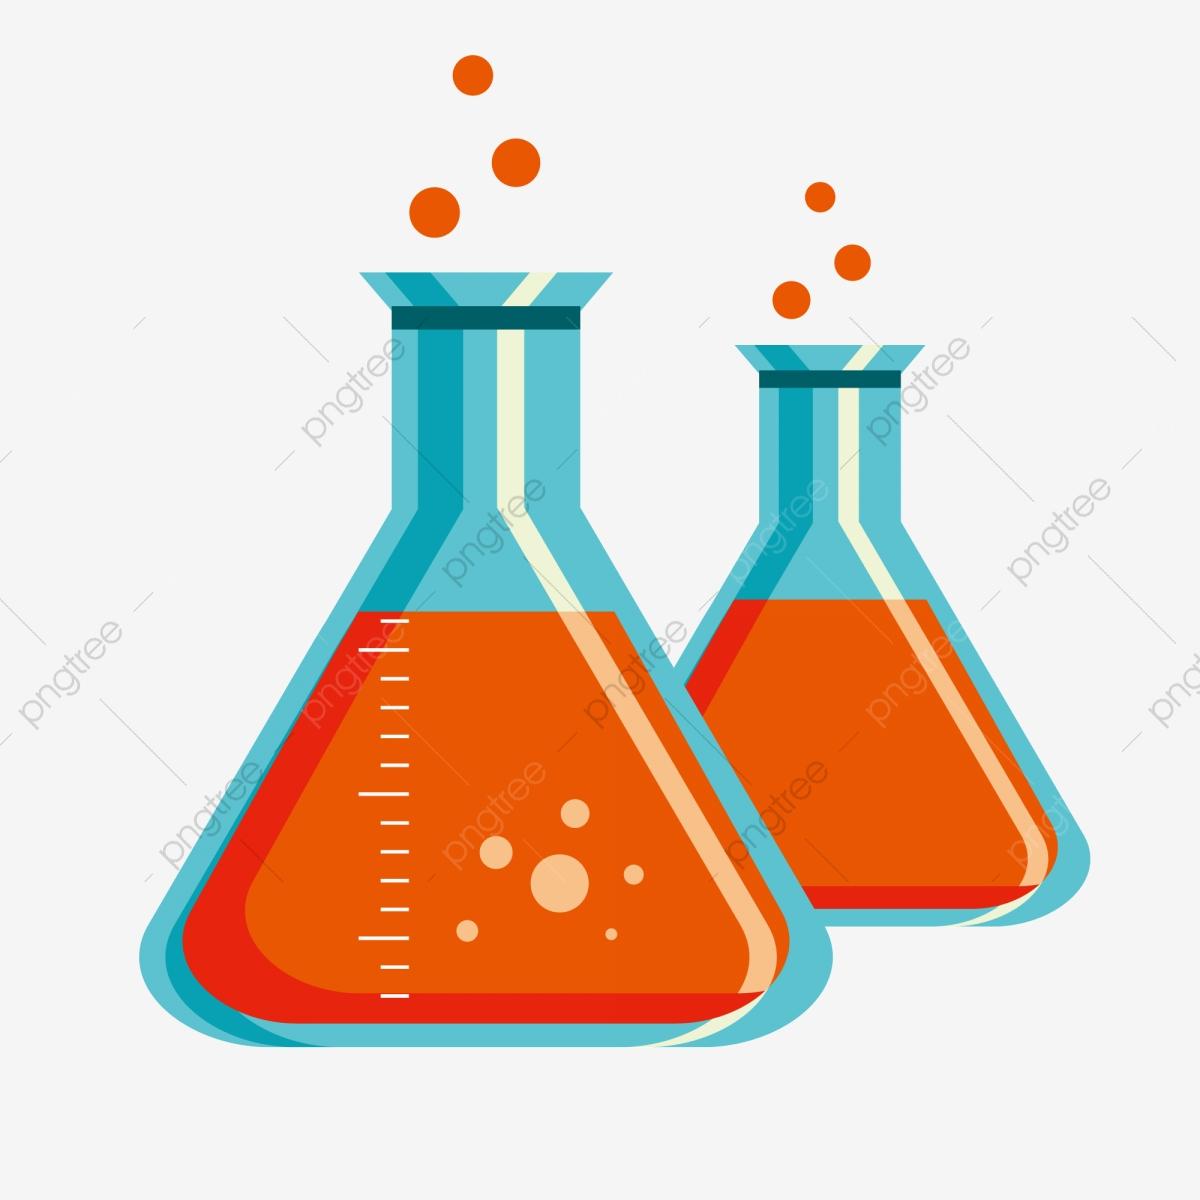 Cilindro De Enseñanza De Química Química Equipo Químico.